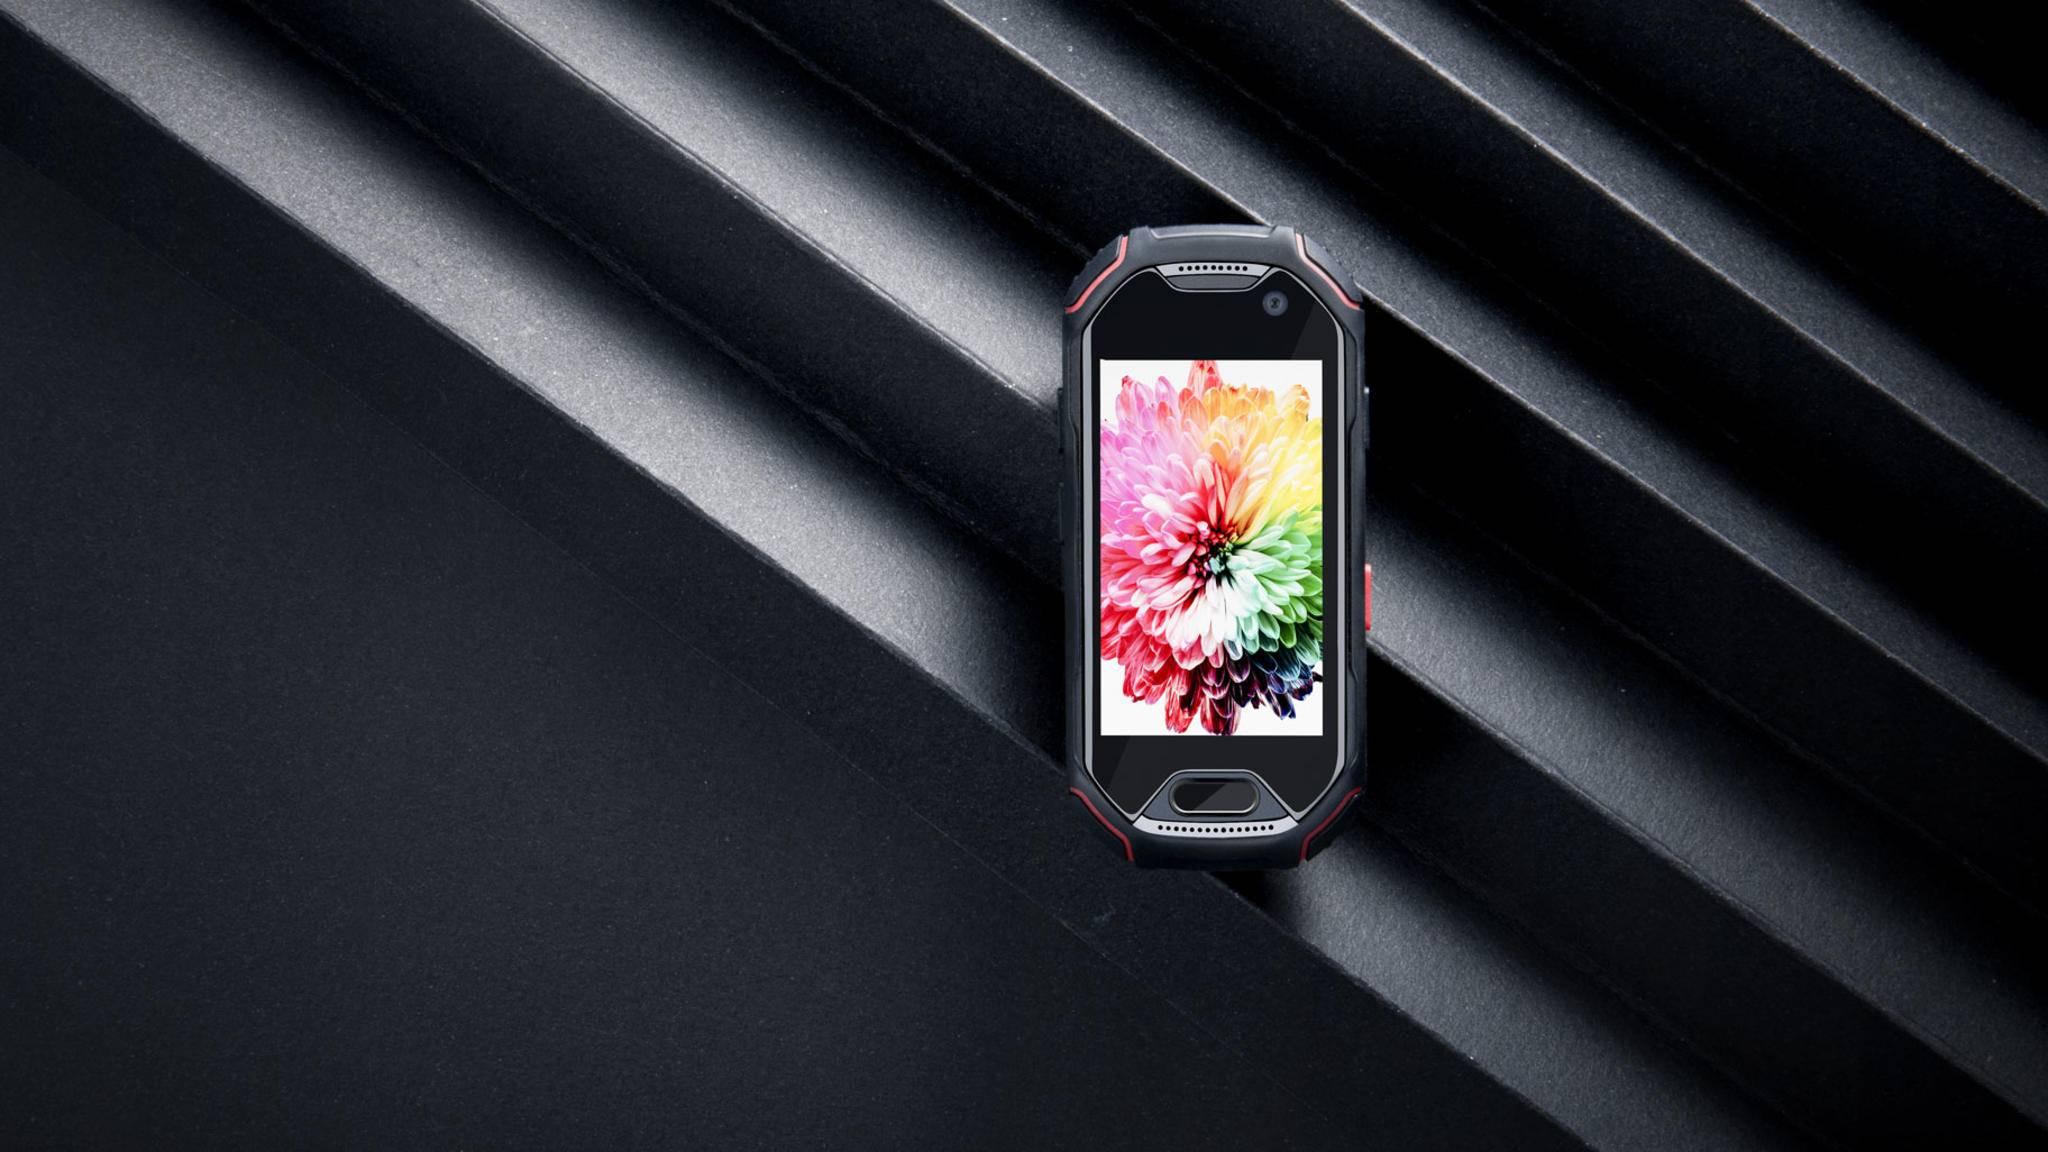 Das Outdoor-Smartphone Atom passt in jede Hosentasche.